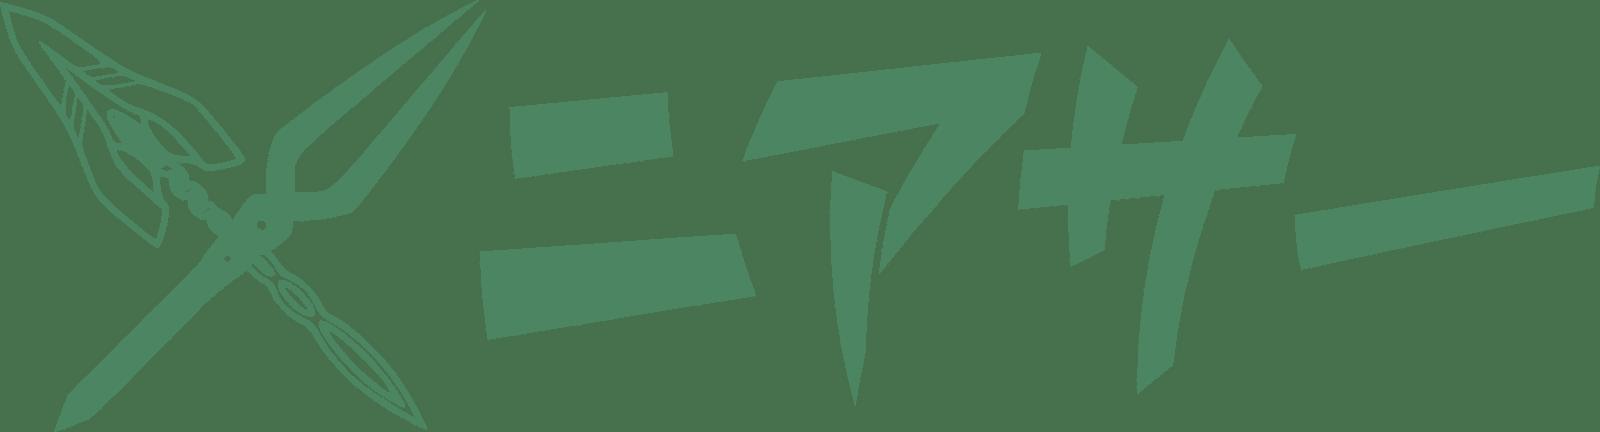 ニアサー|アニメ専門の無料動画配信検索サイト